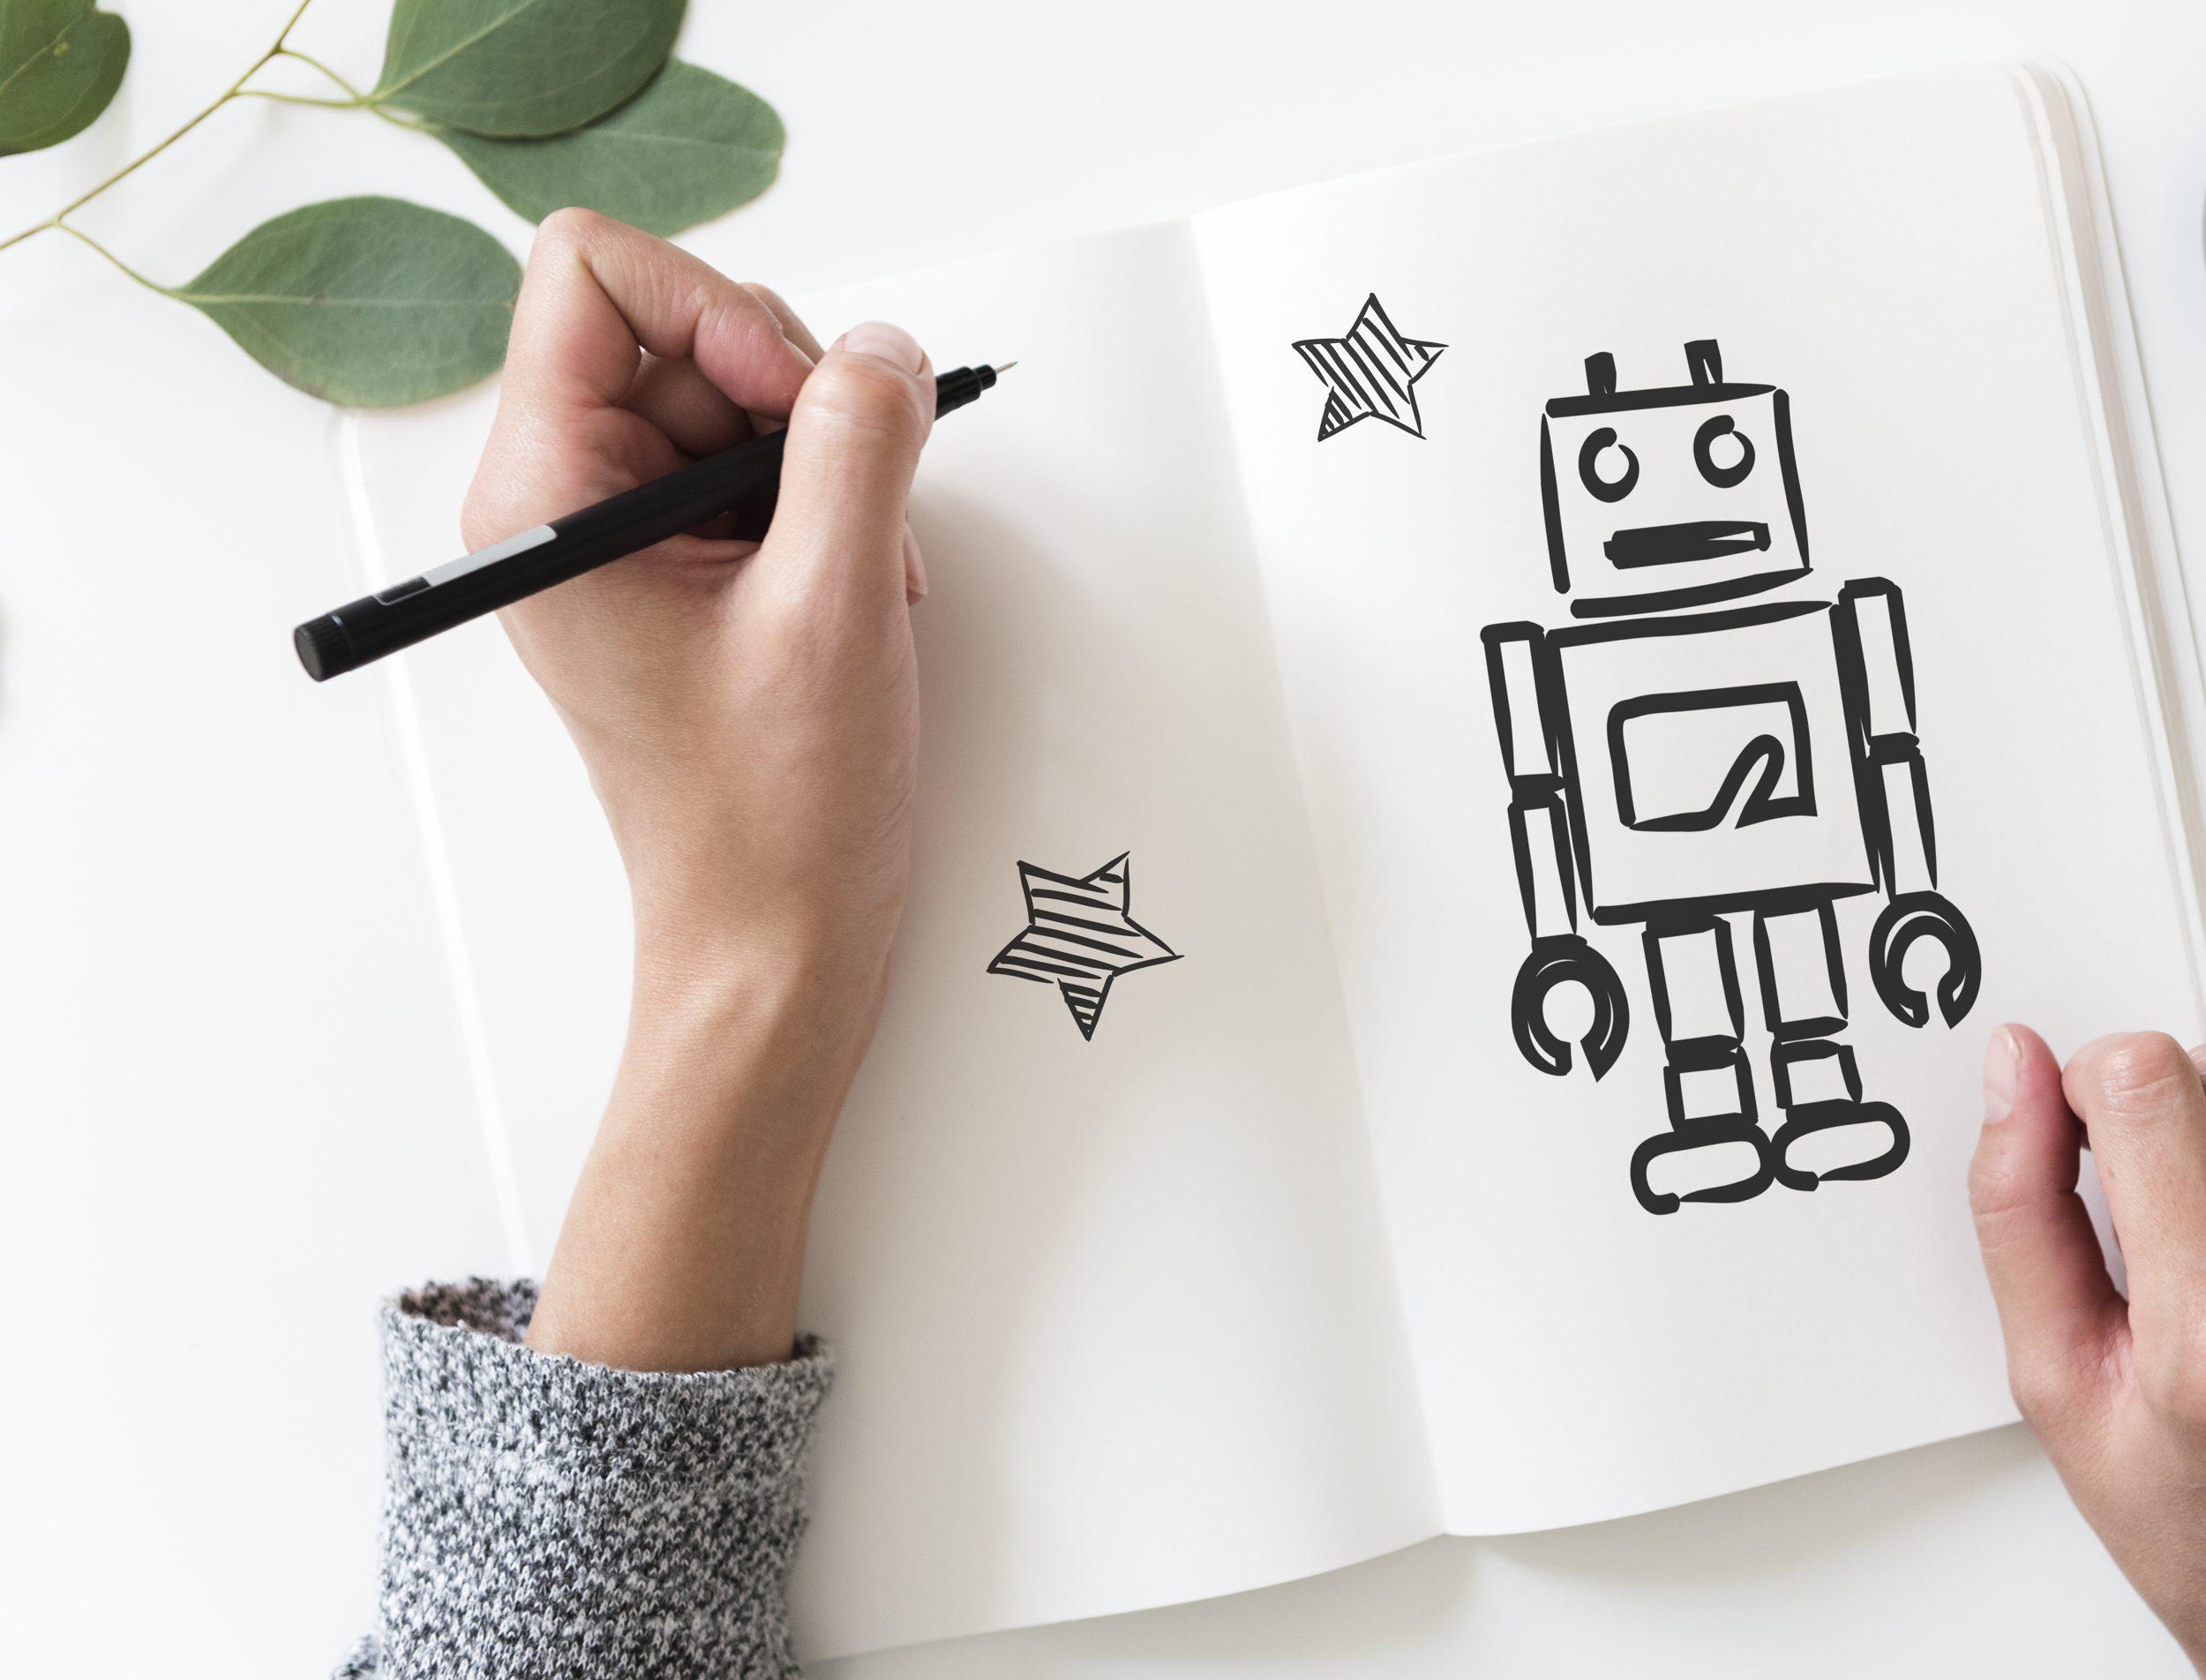 Sztuczna inteligencja dla dobra